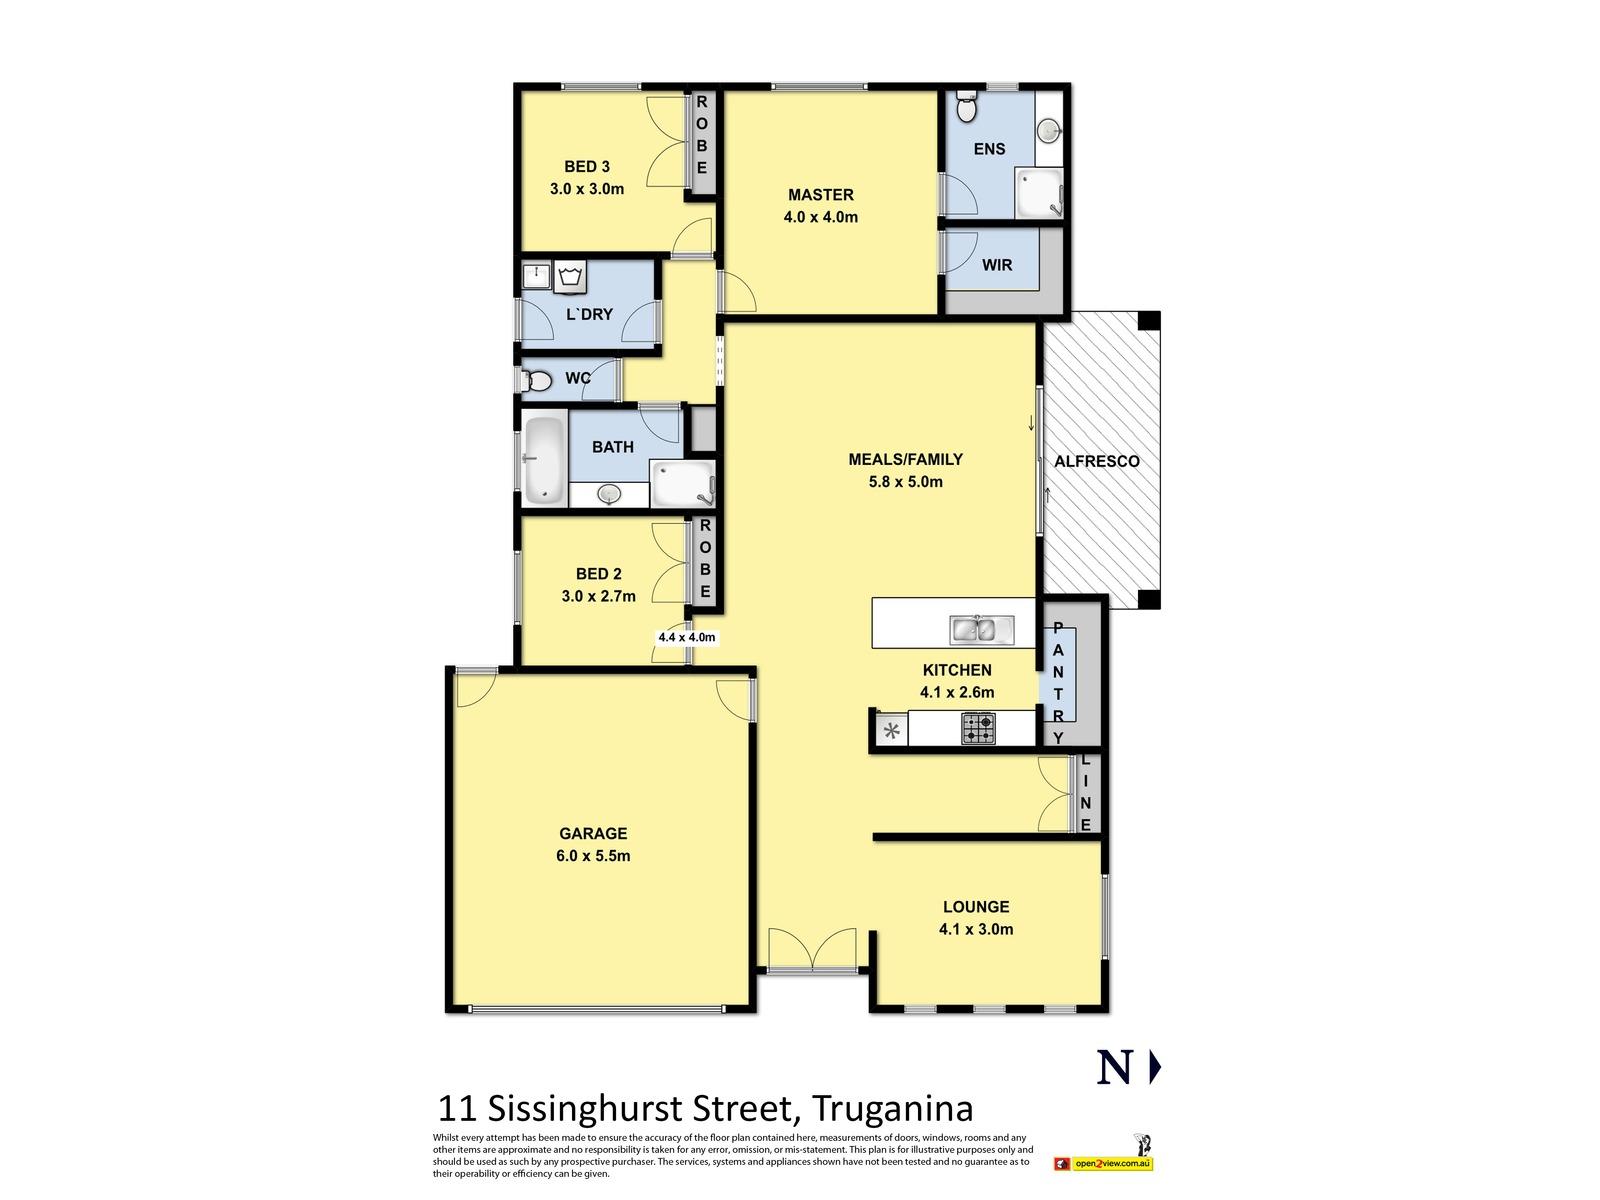 11 Sissinghurst Street, Truganina